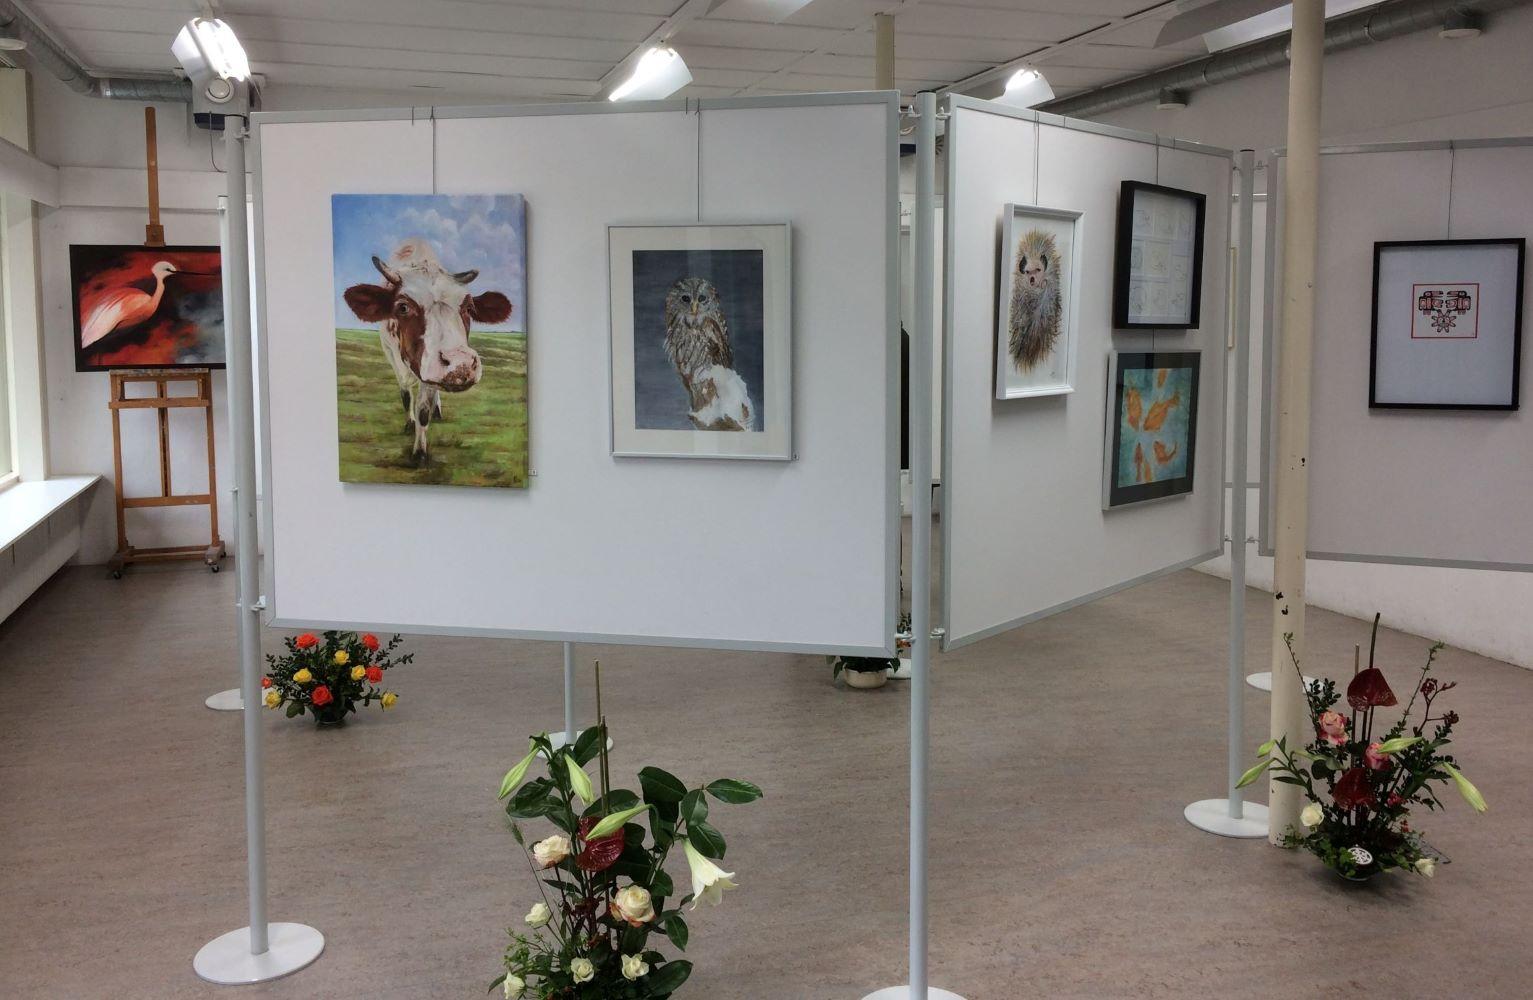 Expositie van vereniging voor schilderen, tekenen en aquarelleren Het Gelders Palet in Wageningen 2019